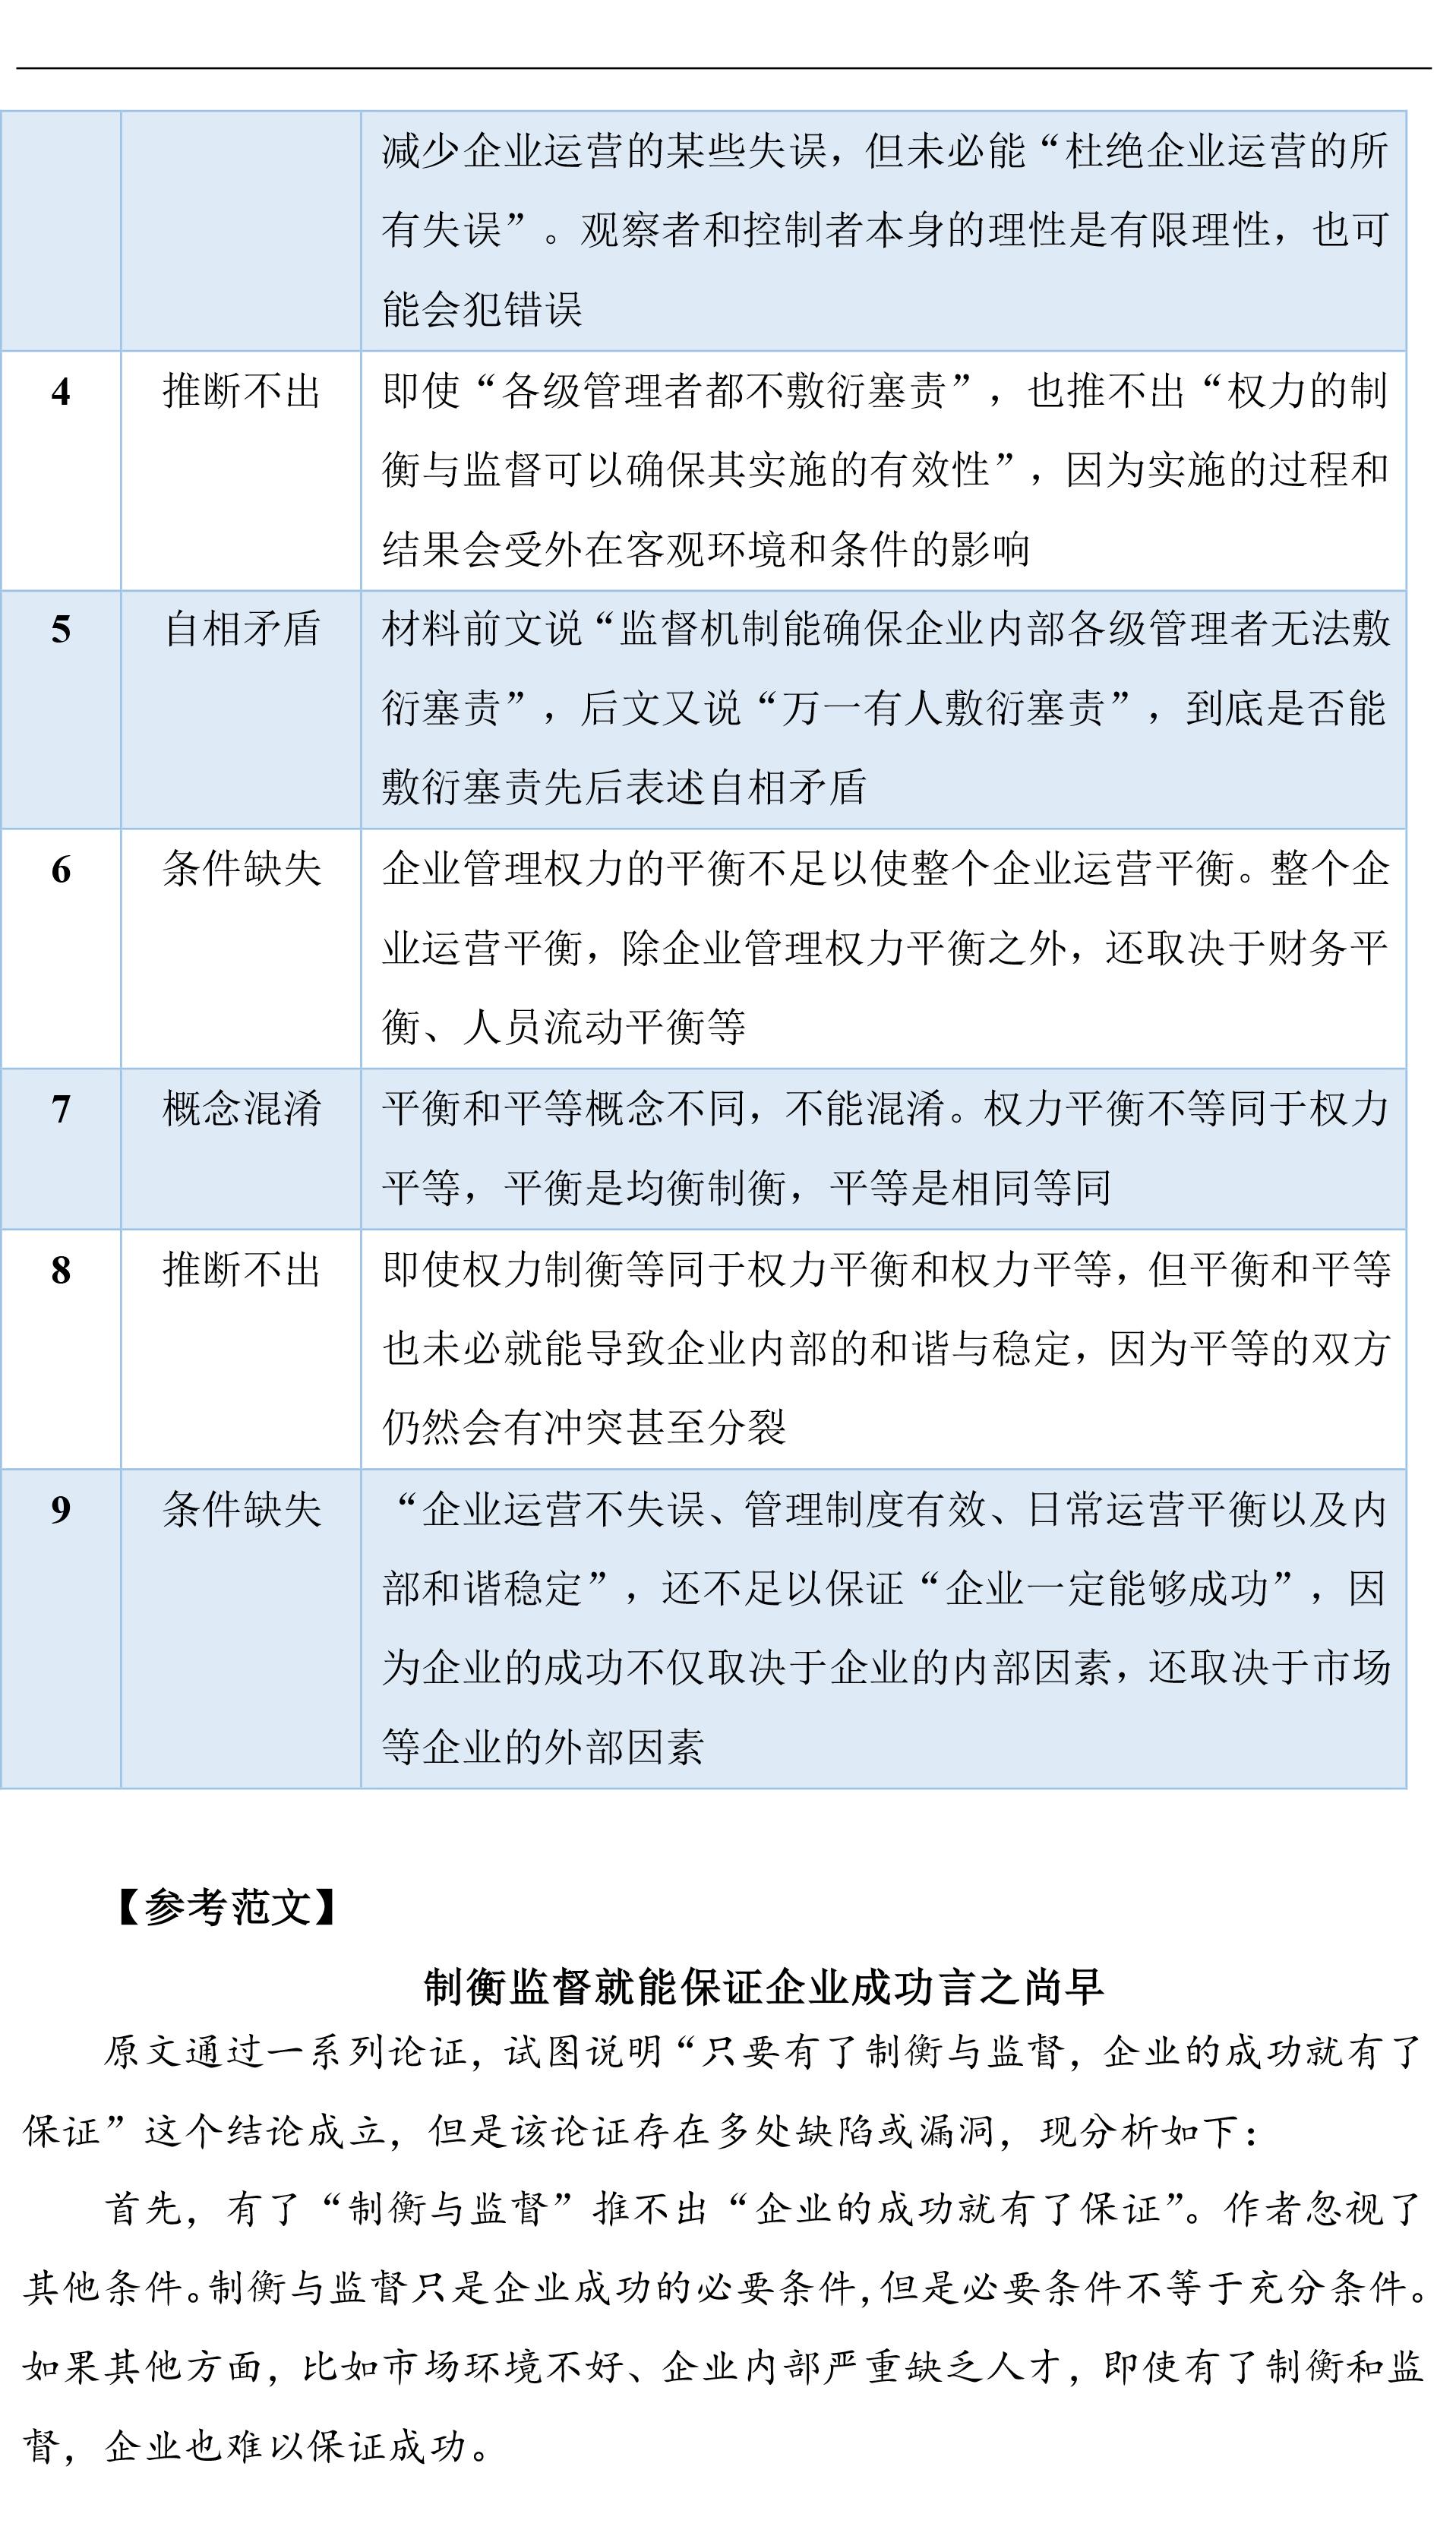 真题试卷集-综合-2014~2018-解析-15.jpg